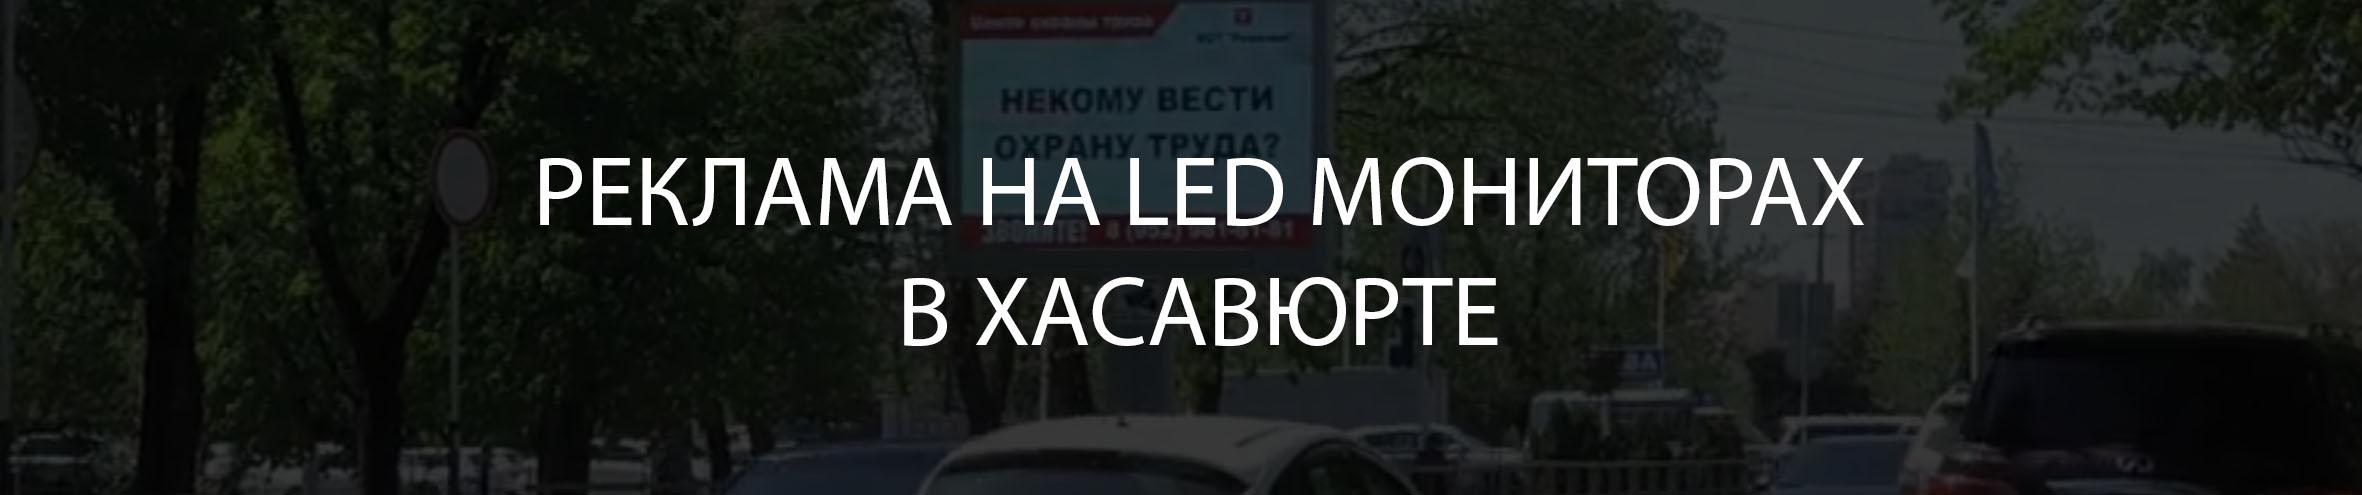 Реклама на LED экранах в Дагестане Хасавюрт